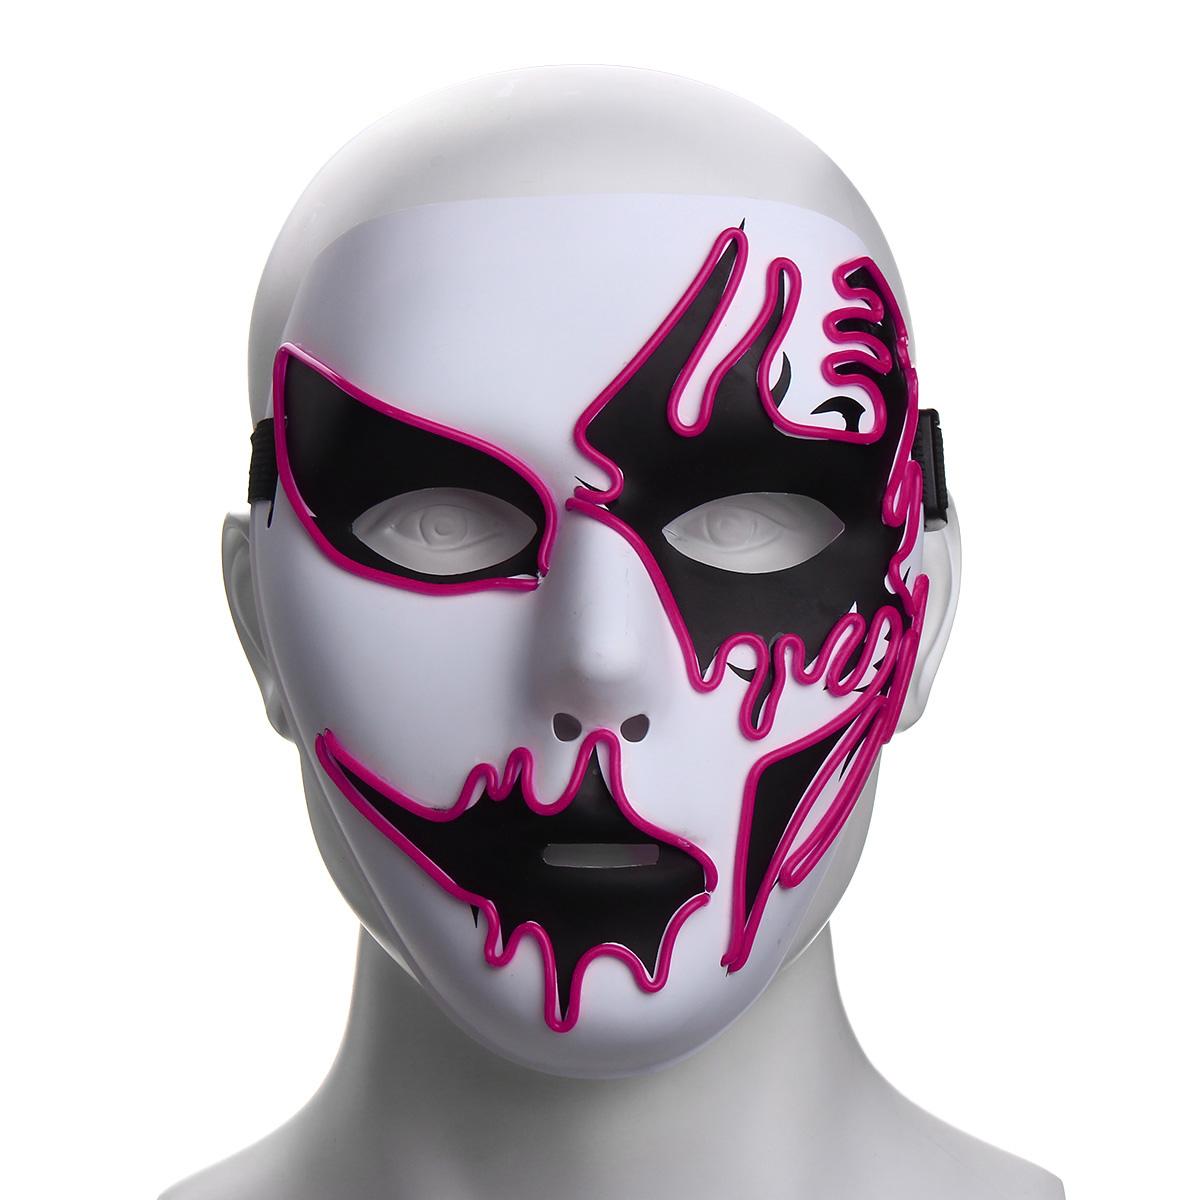 Halloween Mask Led Luminous Flashing Party Masks Light Up